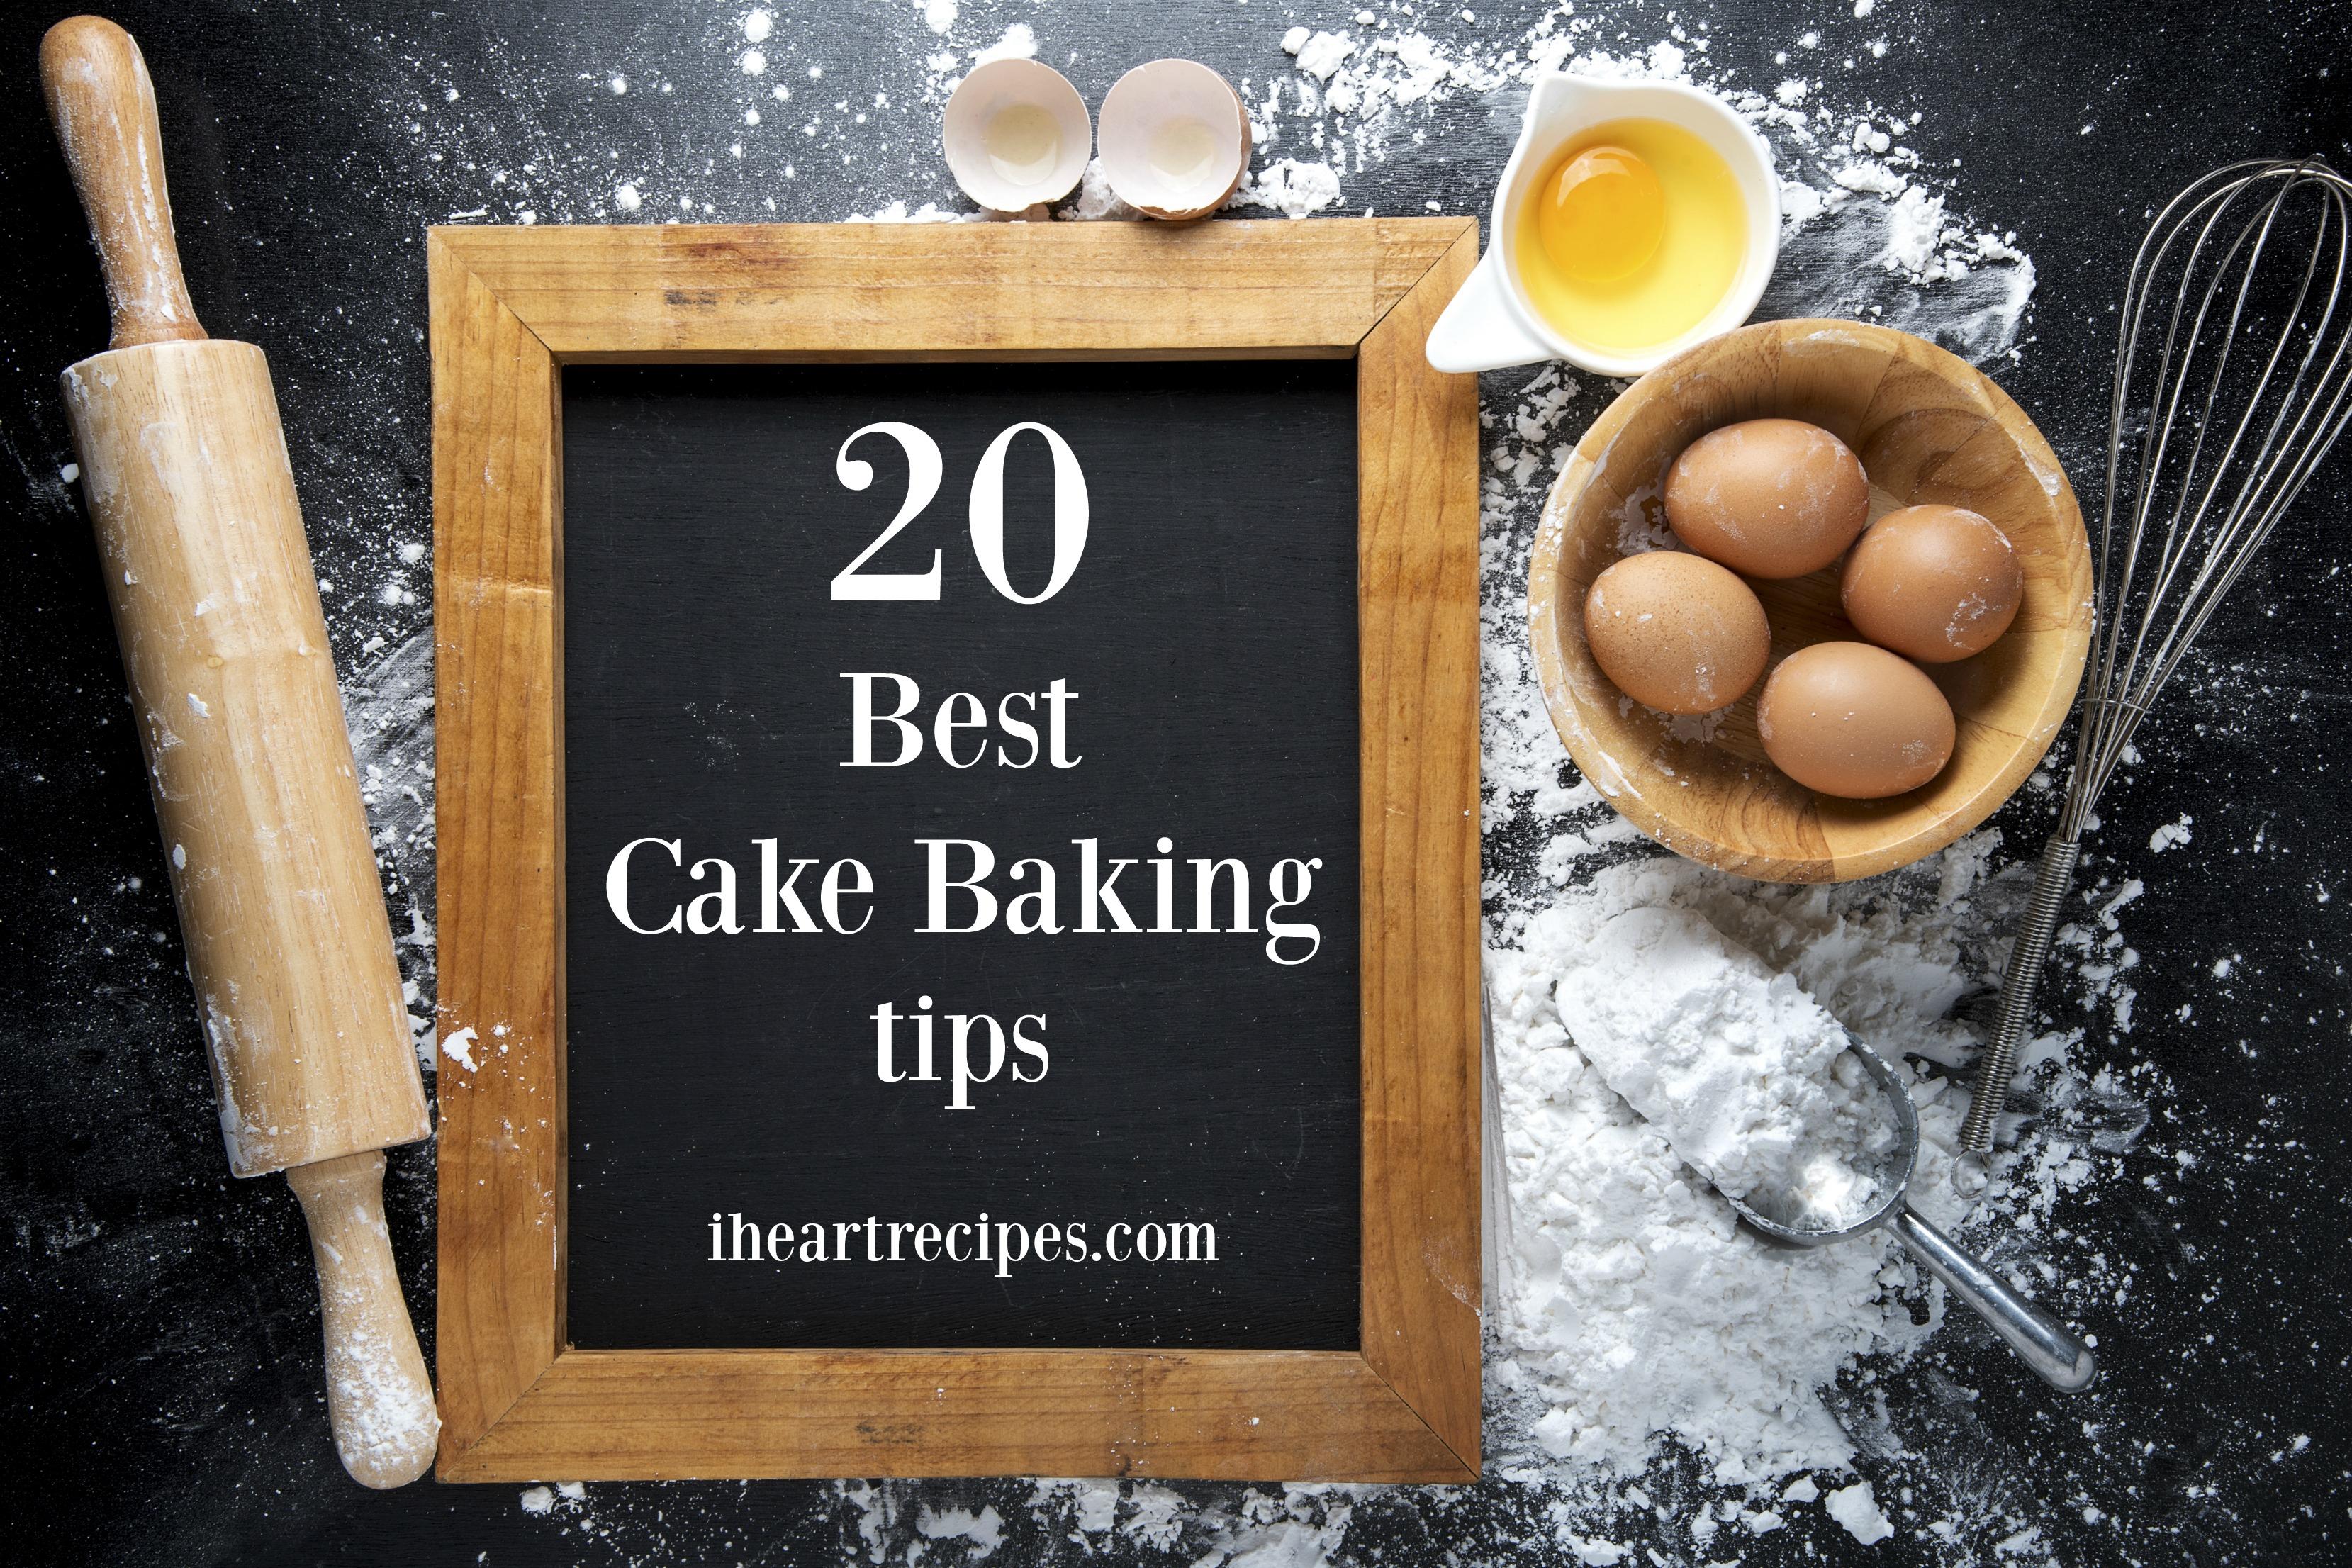 20 best cake baking tips